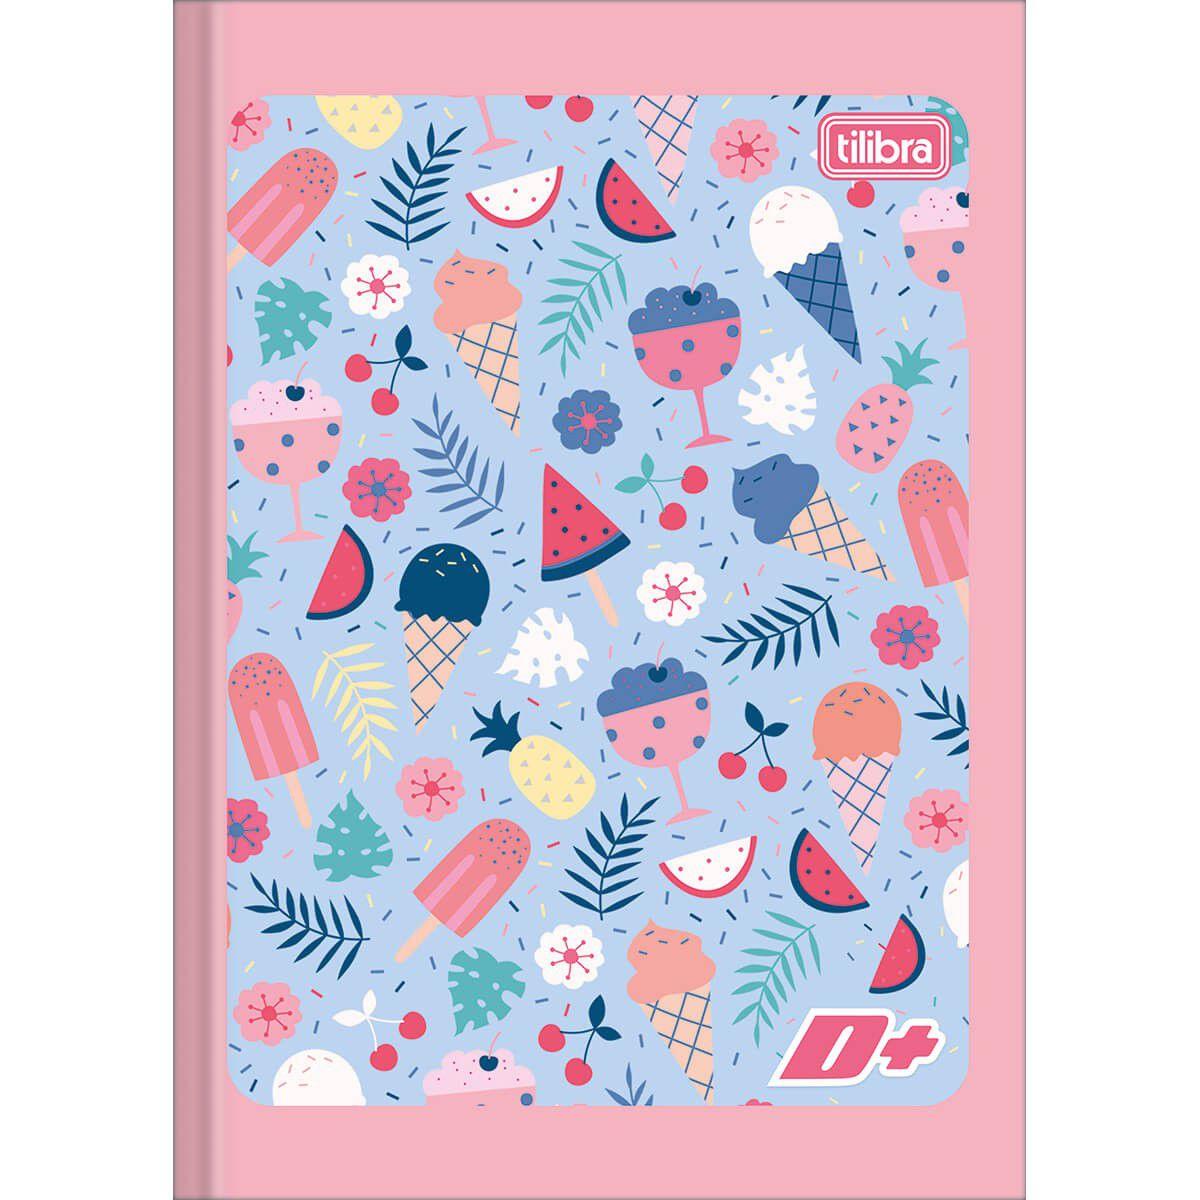 Caderno Brochura 1/4 (Tamanho Pequeno) Mais 48 Fls 111775 Tilibra 13620